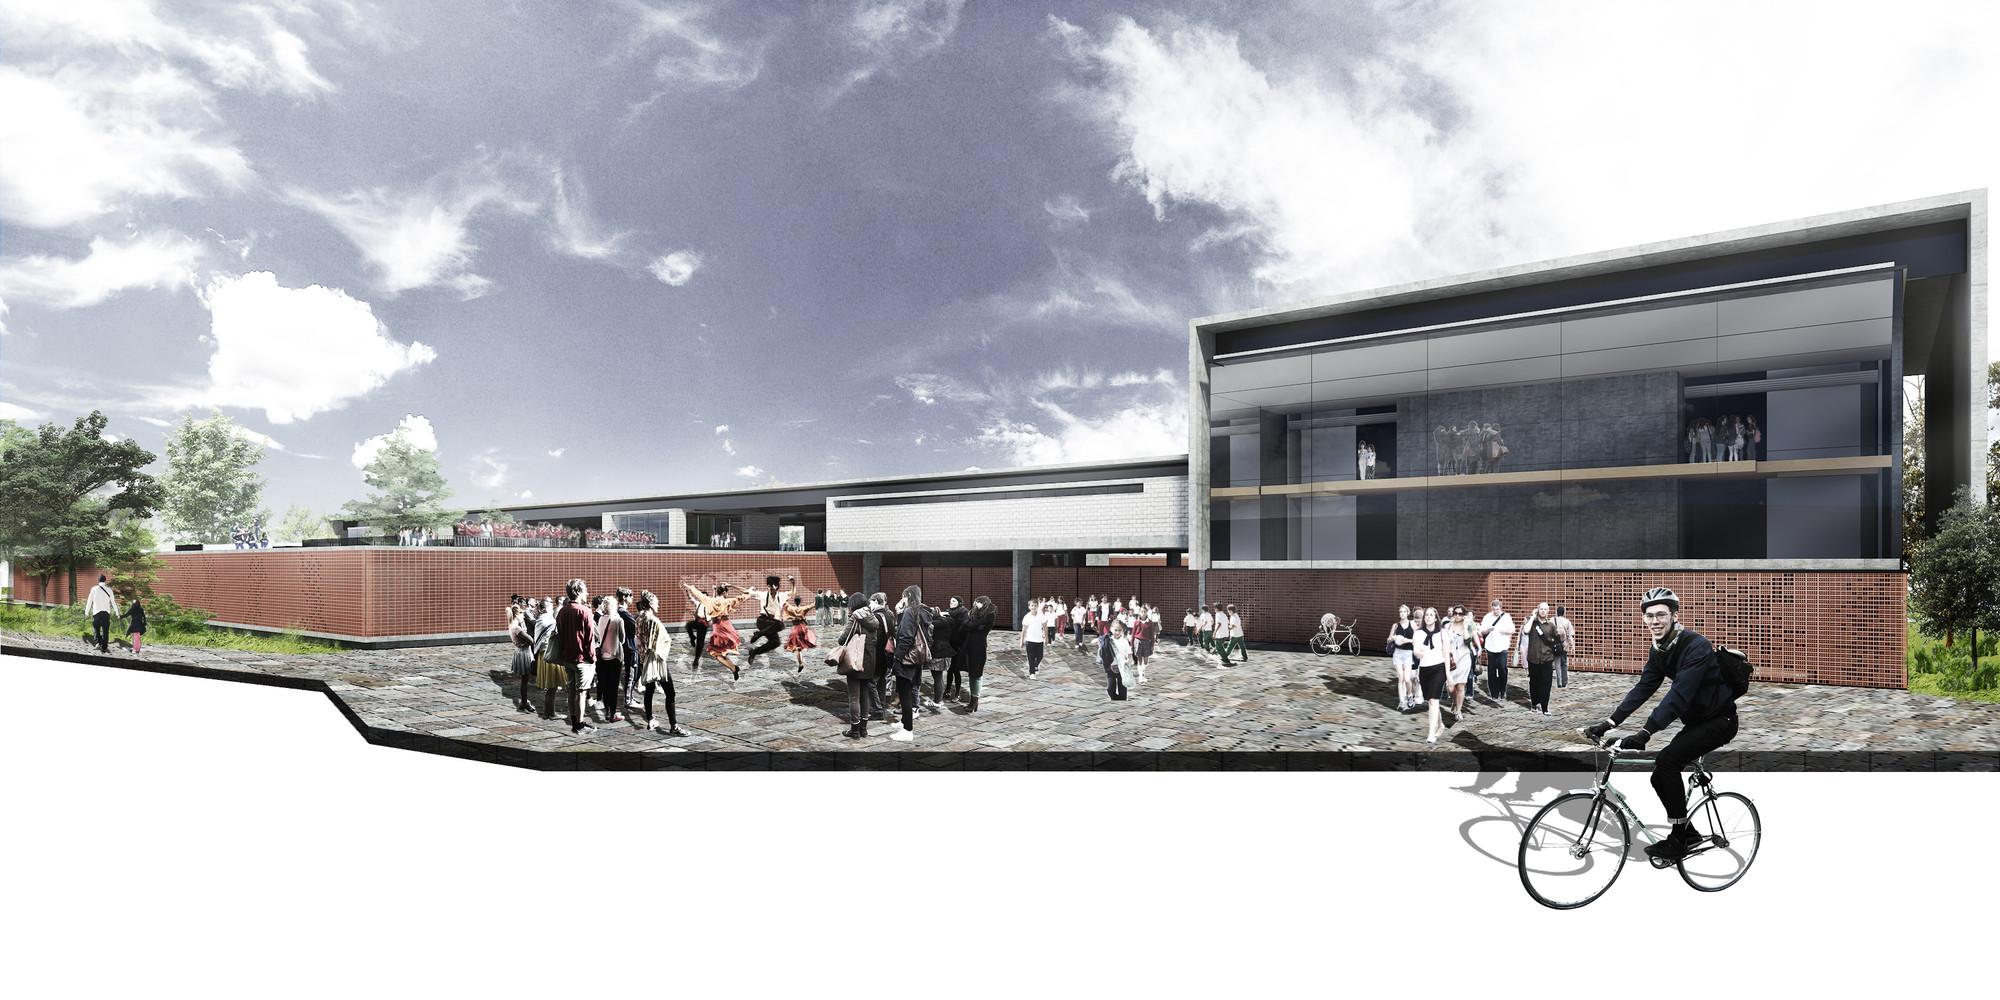 Primer Lugar Concurso para el Diseño de Colegios y un Equipamiento Cultural – Teatro, en Bogotá / Colombia, Courtesy of Carlos Andrés García y Eduardo Mejía